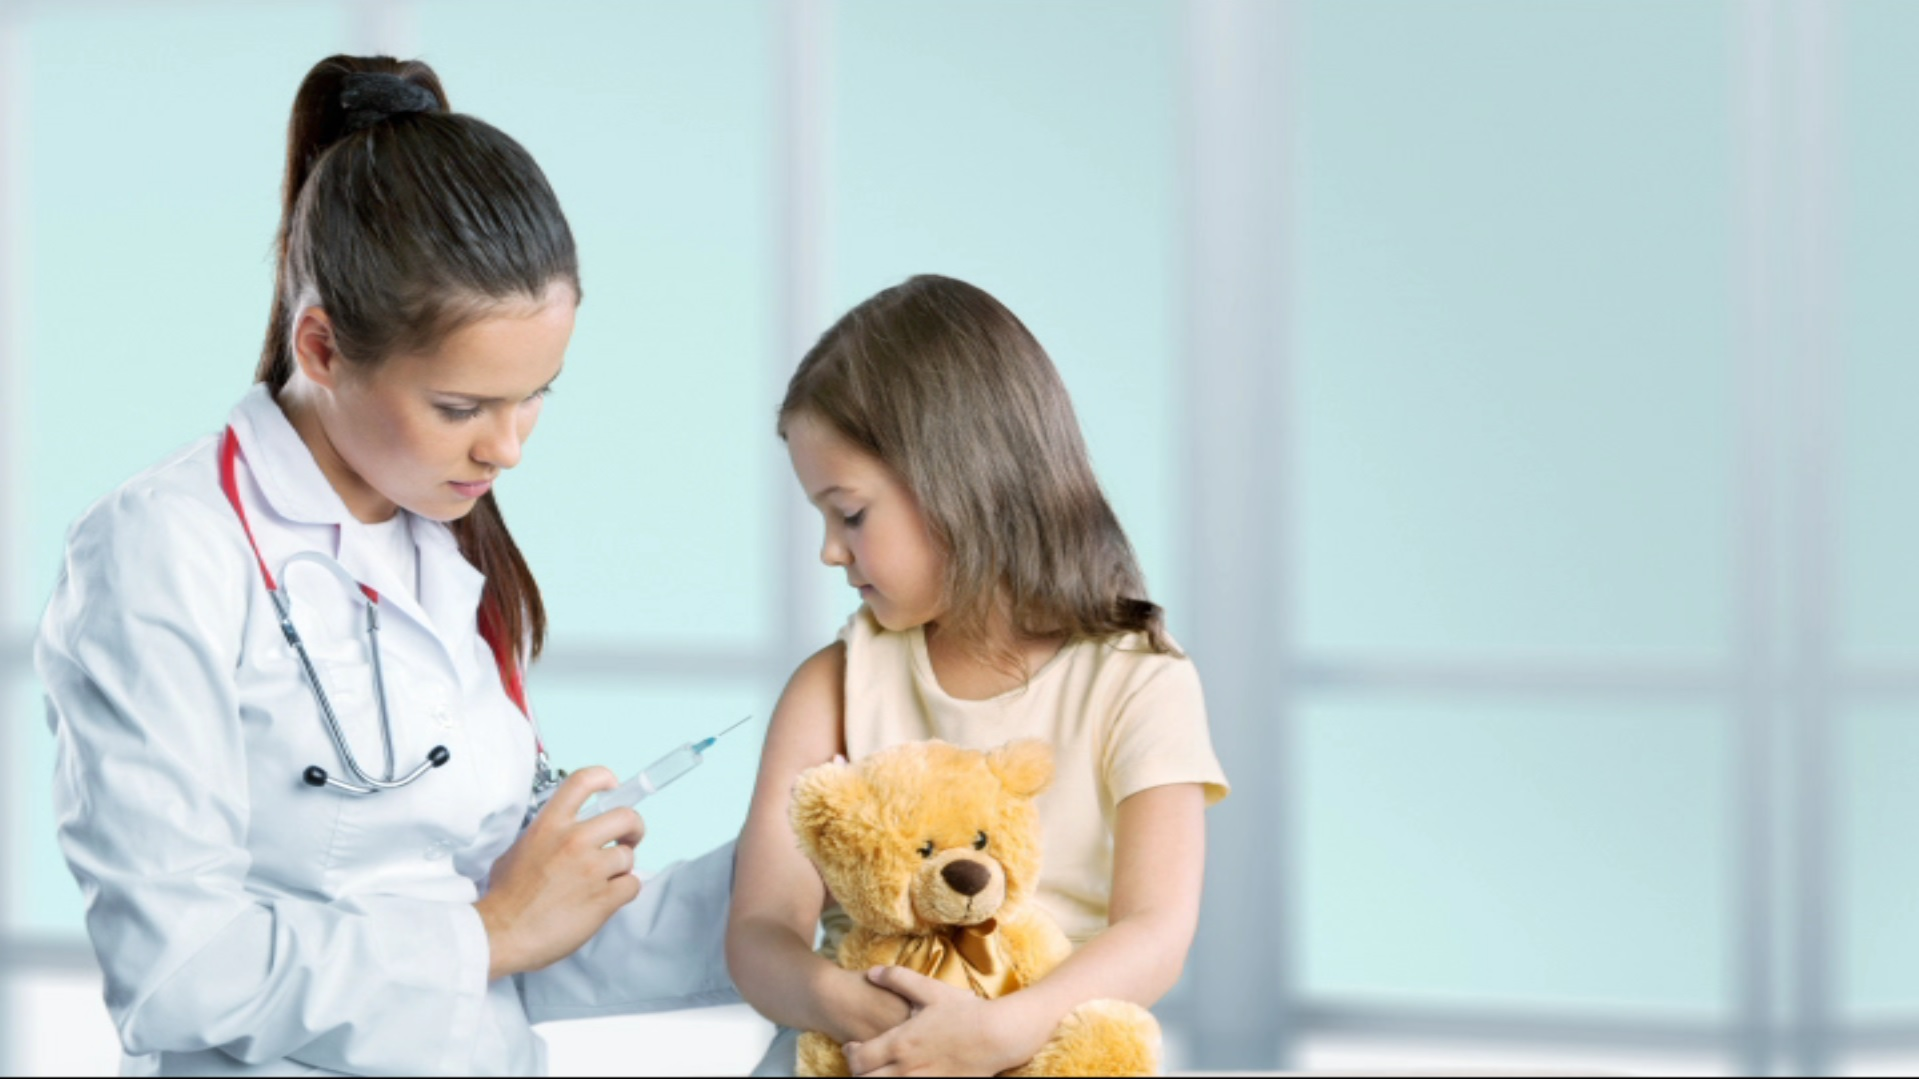 Avis+de+Salut+a+pares+i+mares+amb+fills+en+edat+escolar%3A+el+calendari+de+vacunaci%C3%B3+infanto-juvenil